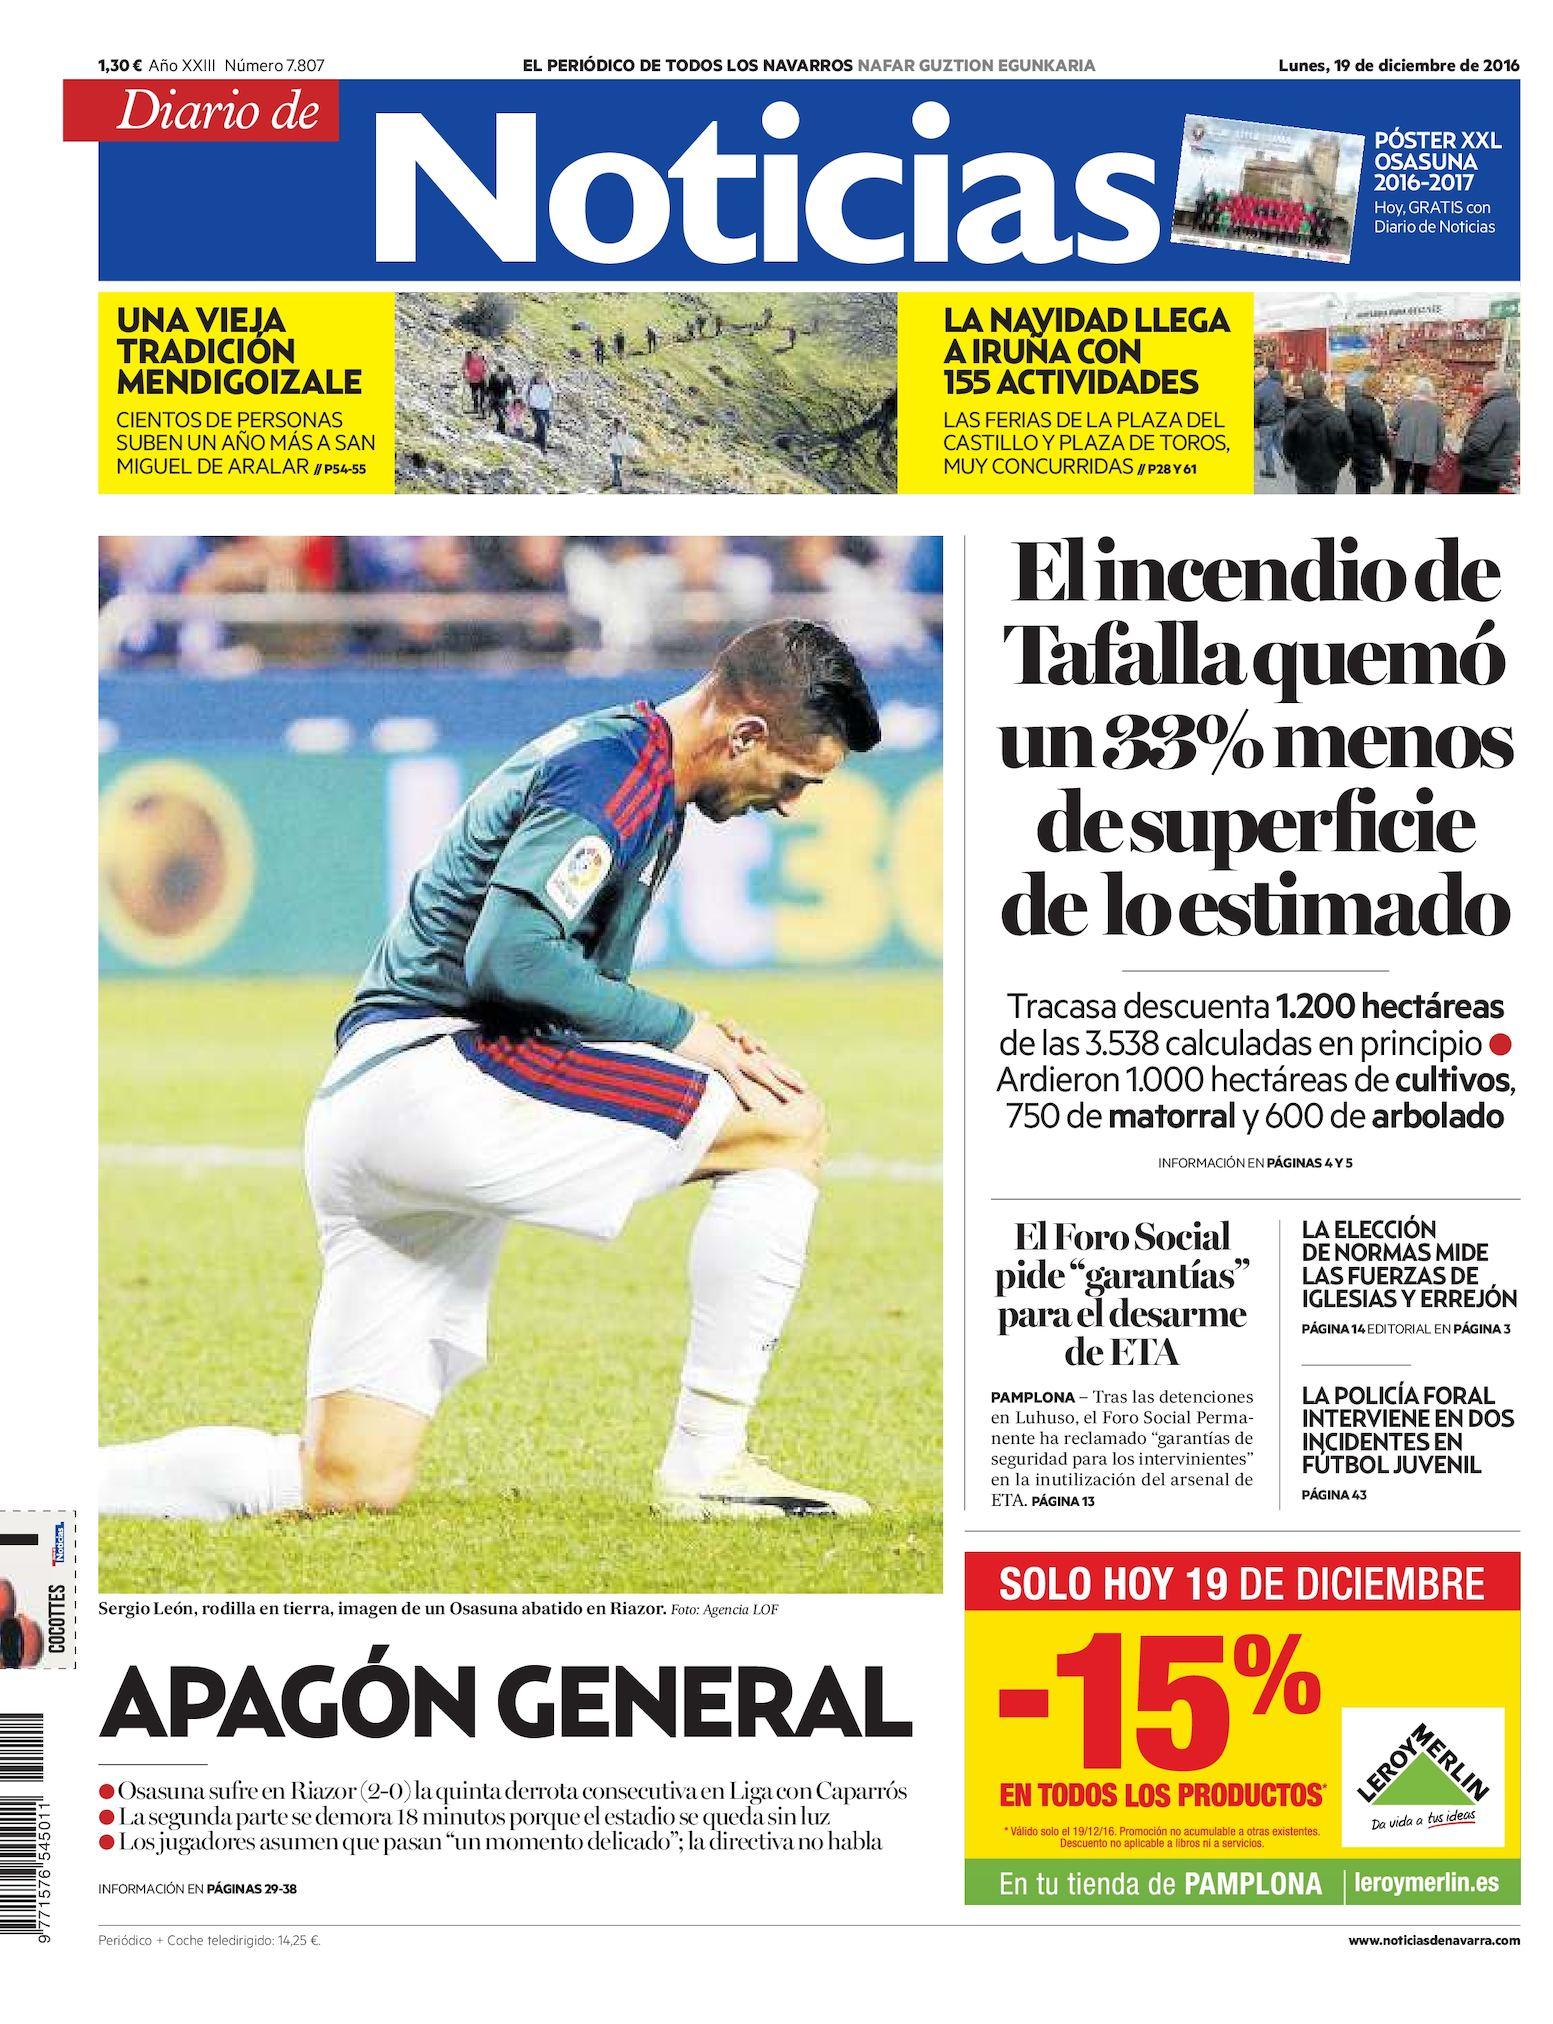 Diario Diario Noticias Calaméo De Noticias Calaméo 20161219 De Calaméo Diario 20161219 TBwUqT